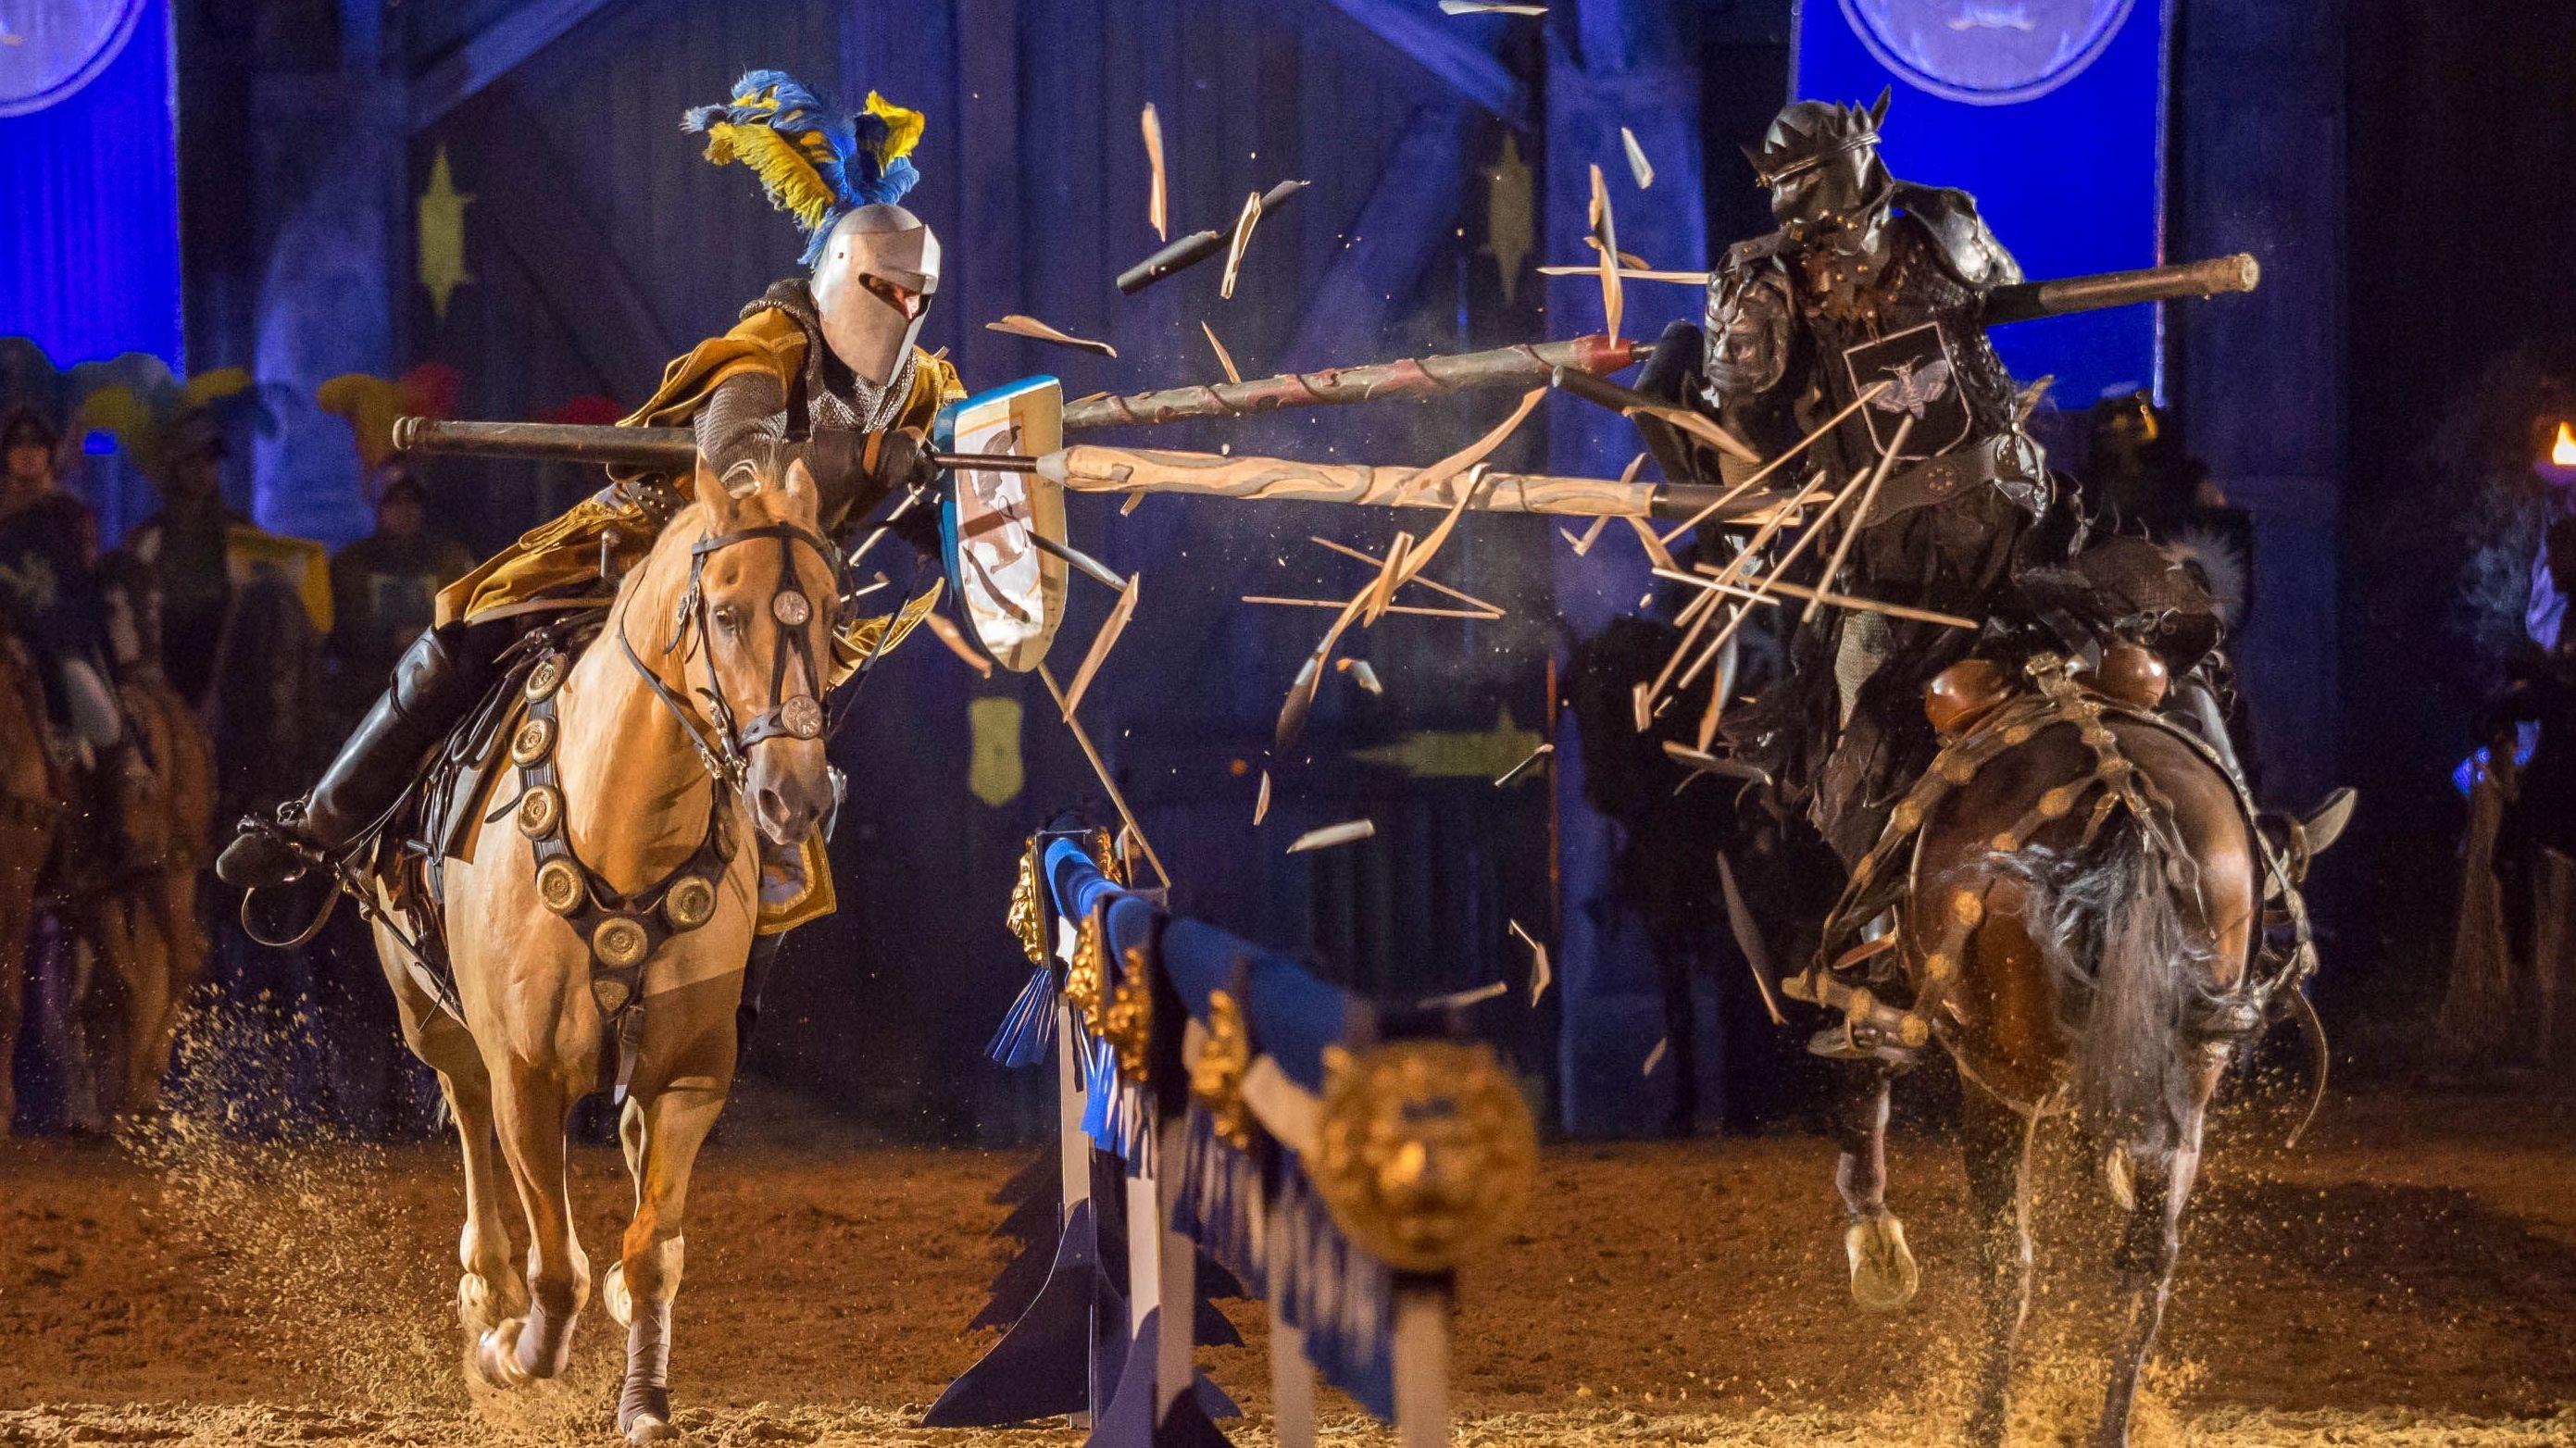 Zwei Ritter bekämpfen sich im Turnier mit Lanzen.